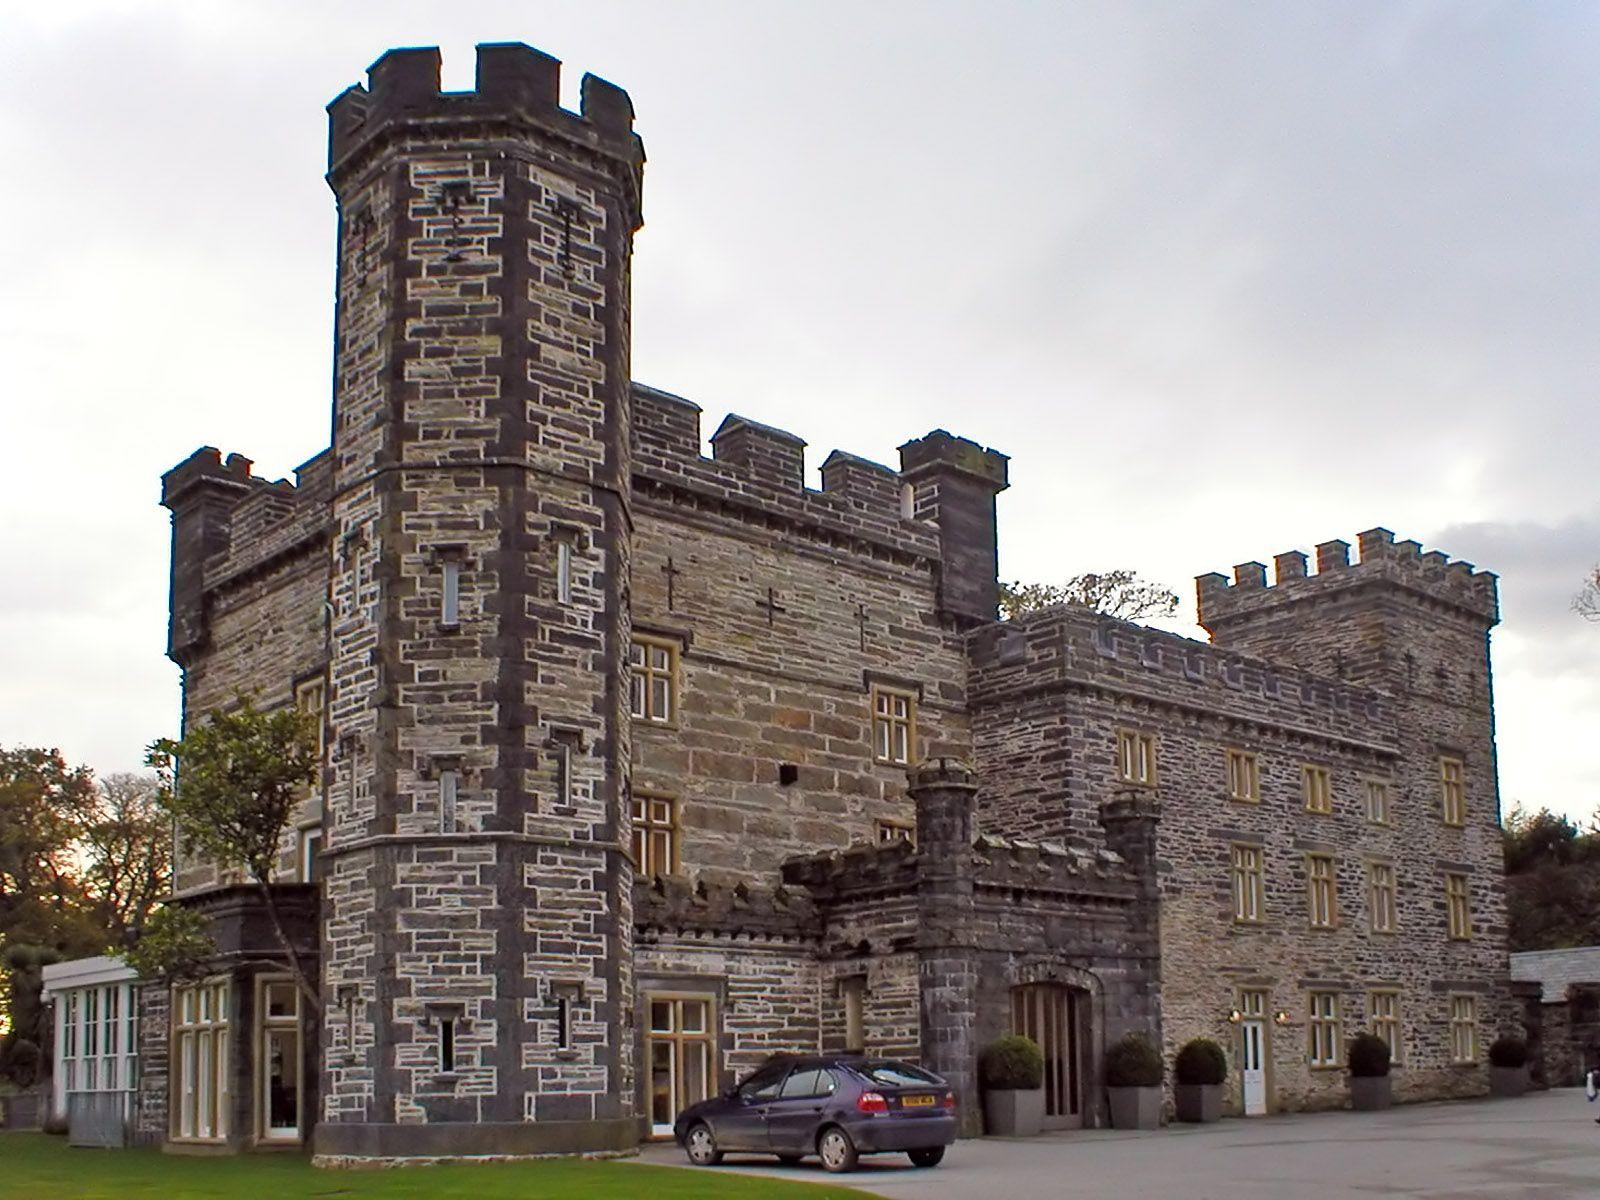 Castell Deudraeth Portmeirion Wales Gazeboholiday Hotelnorth